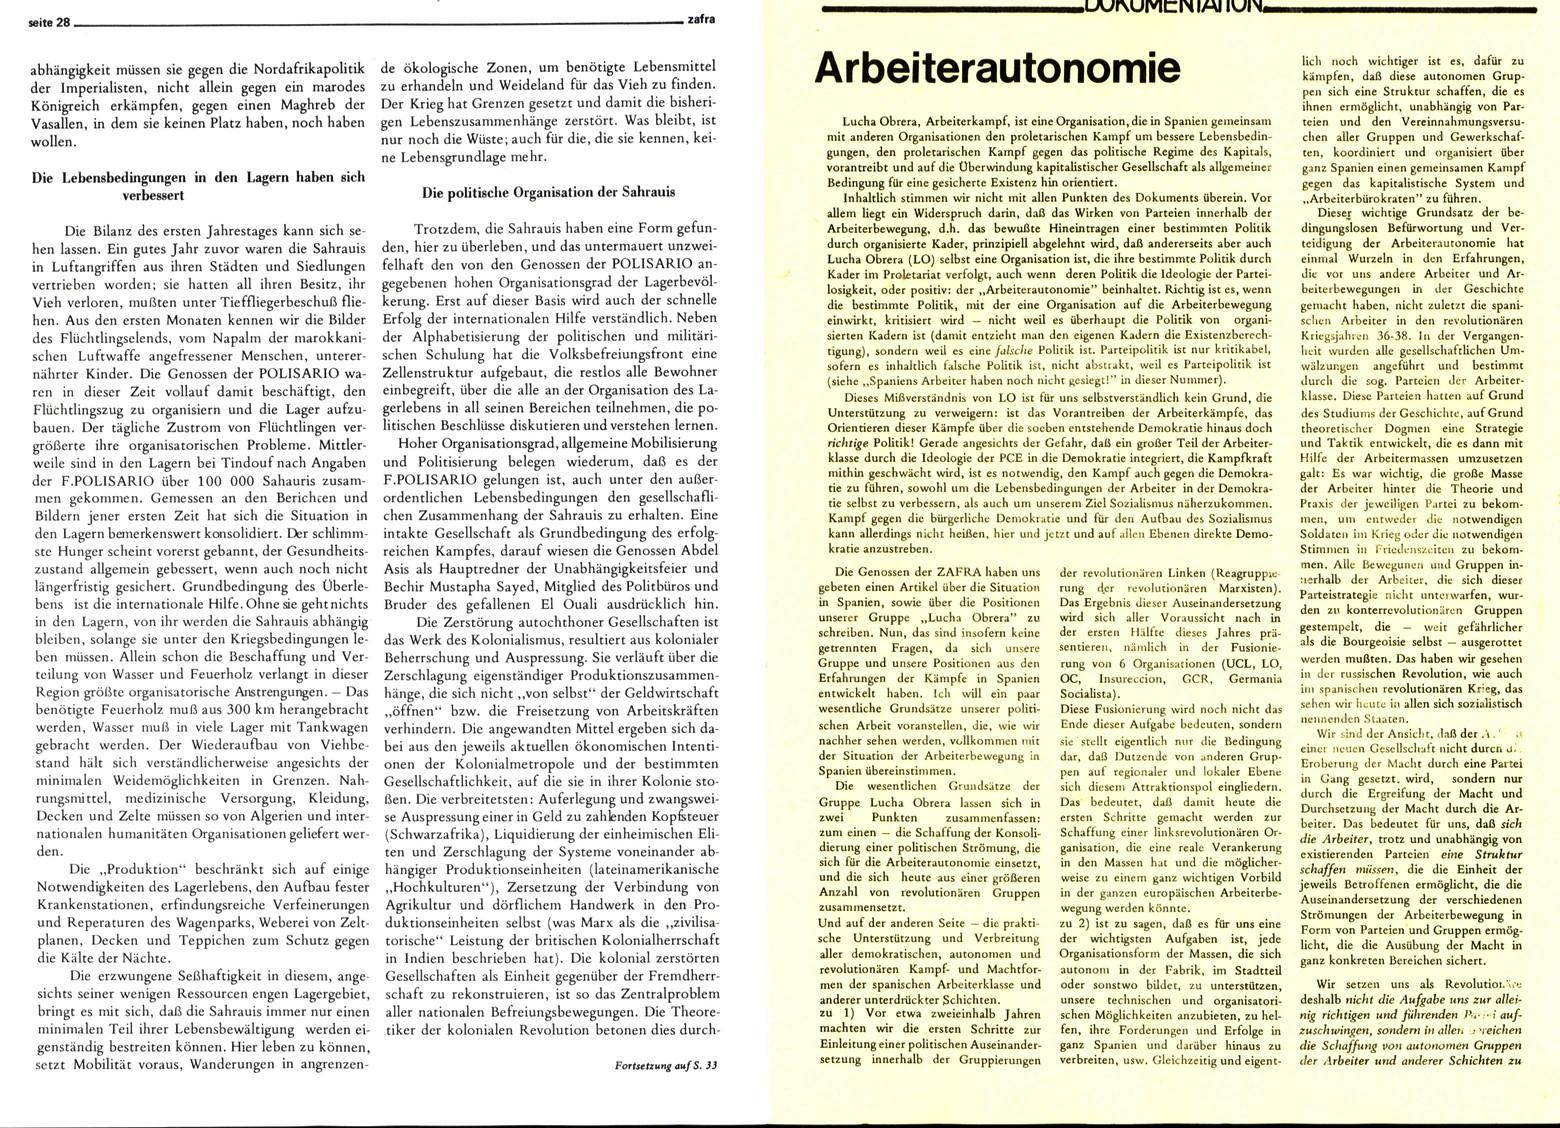 Bonn_ZAFRA_04_19770600_15